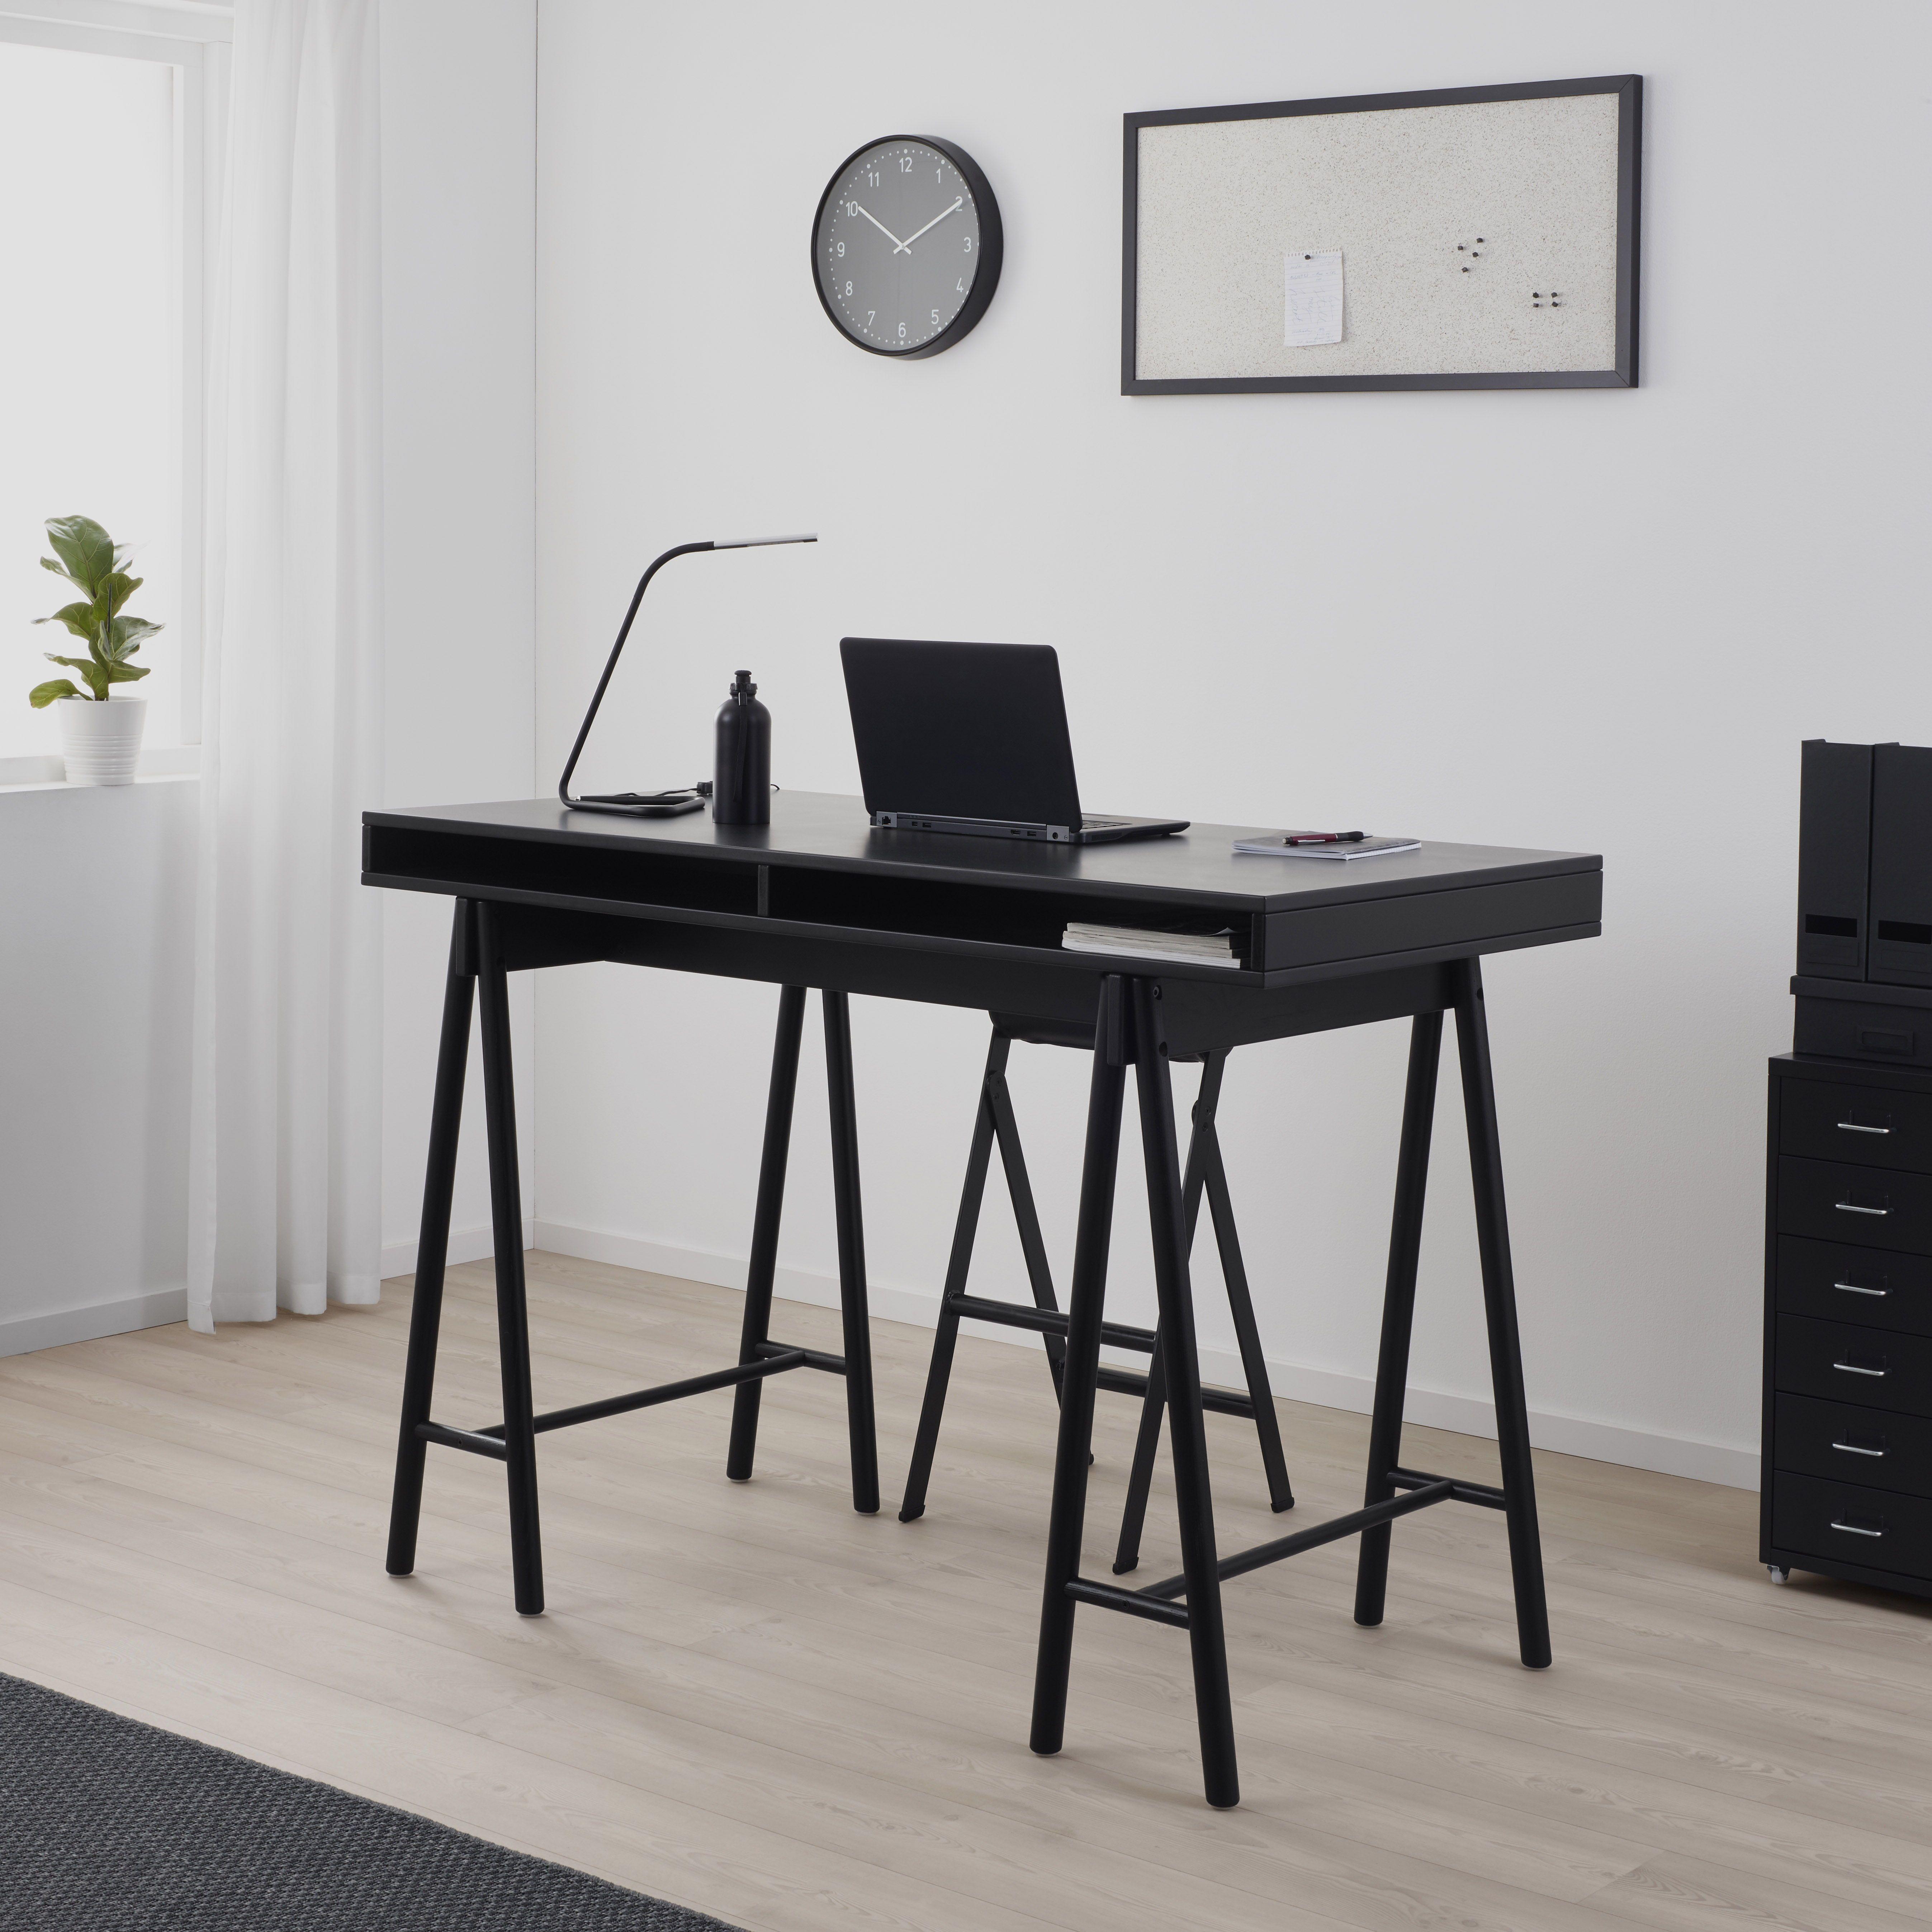 Ikea Tafelblad Met Schragen.Spanst Tafelblad Met Schragen Ikea Ikeanl Ikeanederland